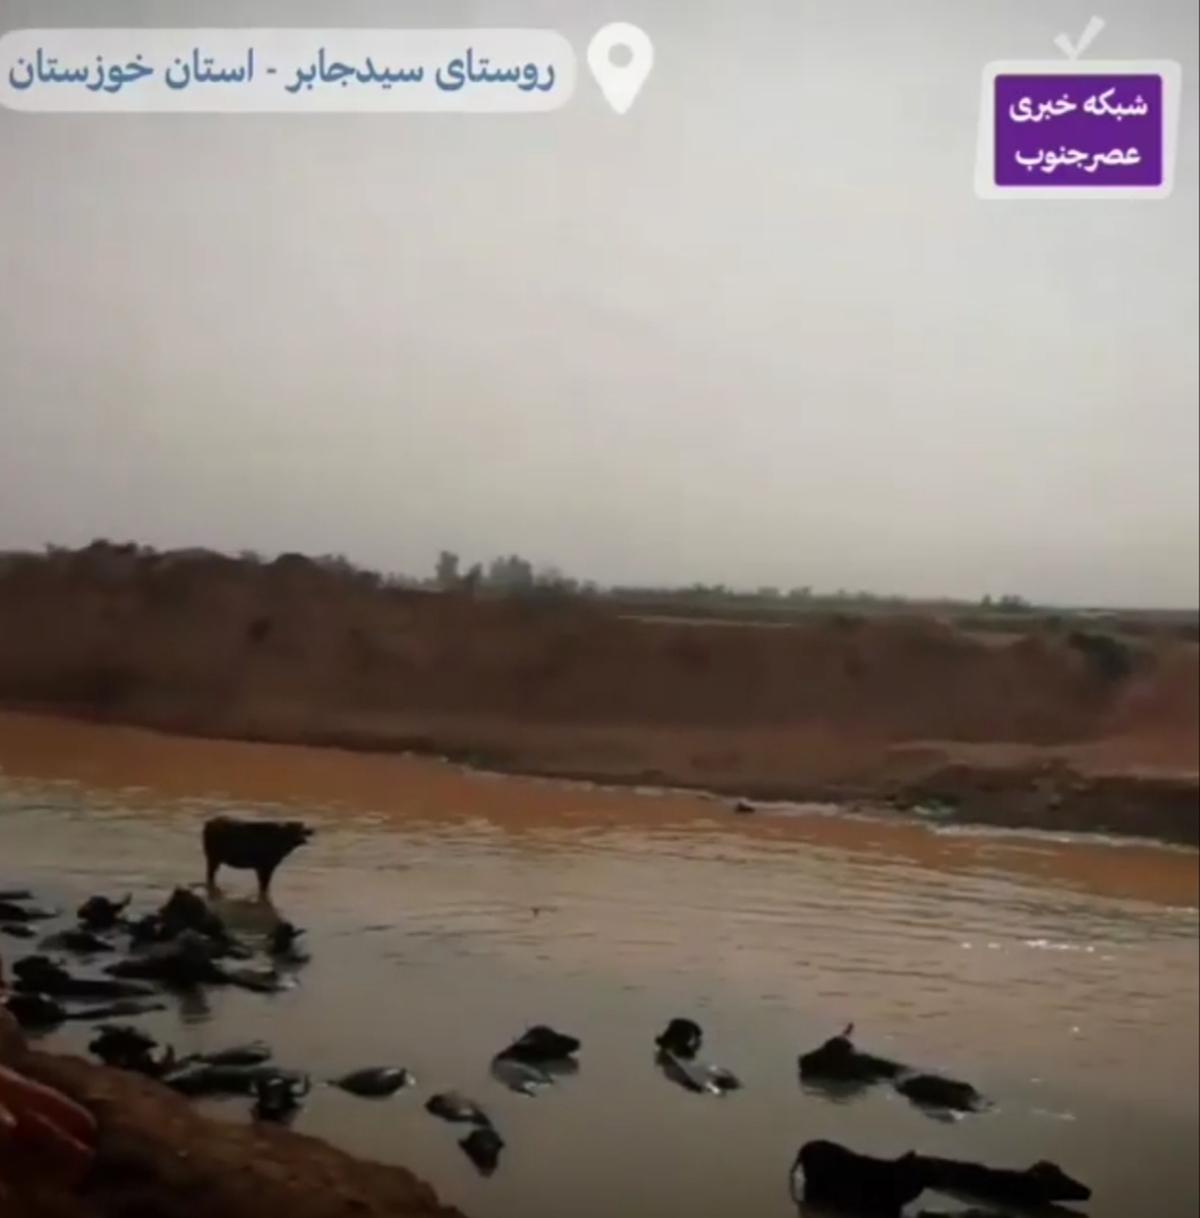 بیماری و تلف شدن گاومیش های خوزستان درپی کمبود آب + ویدئو